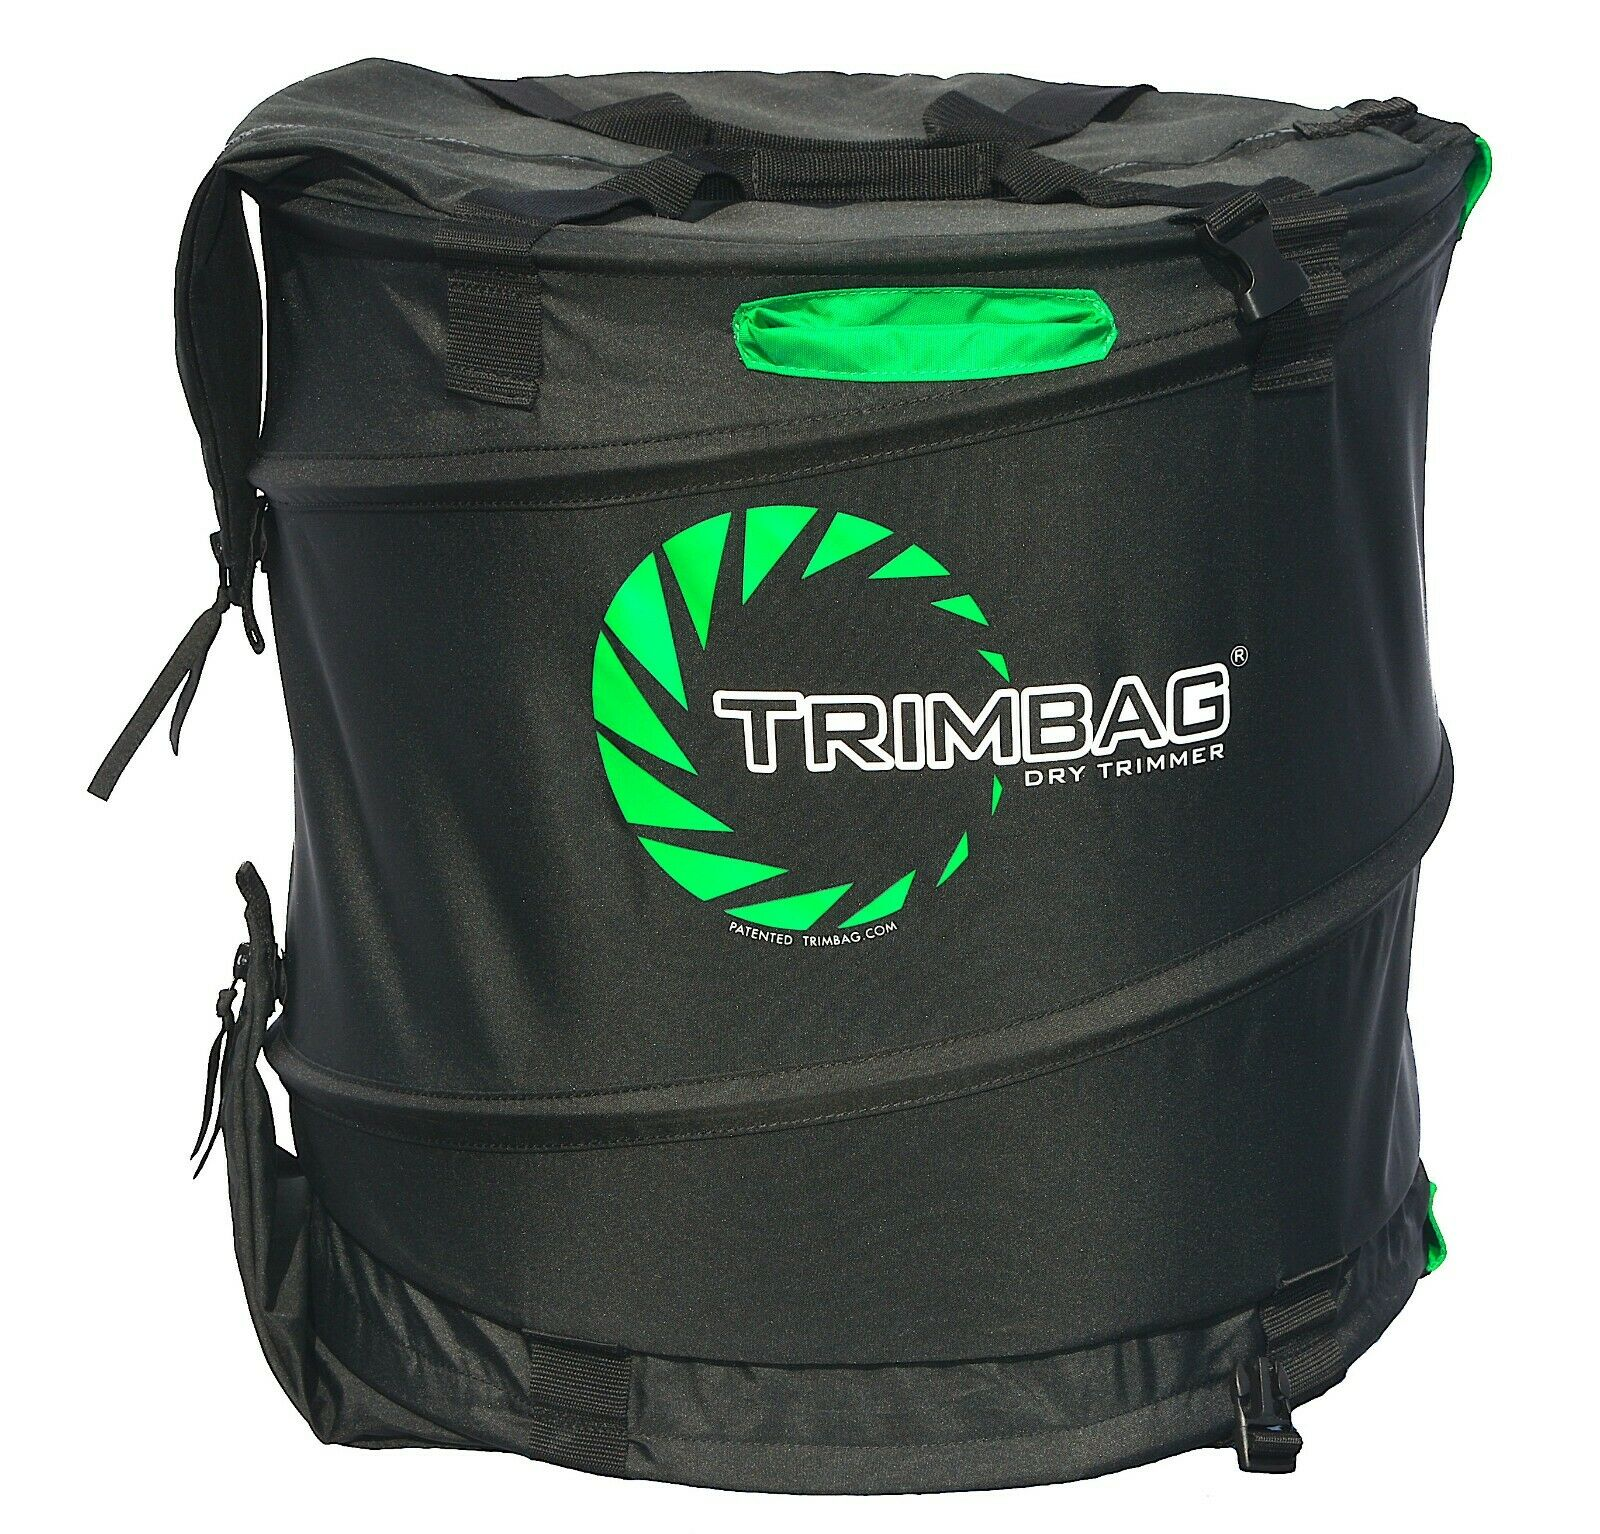 Official Trimbag Handheld Dry Leaf Trimmer - 24 Hour Delivery